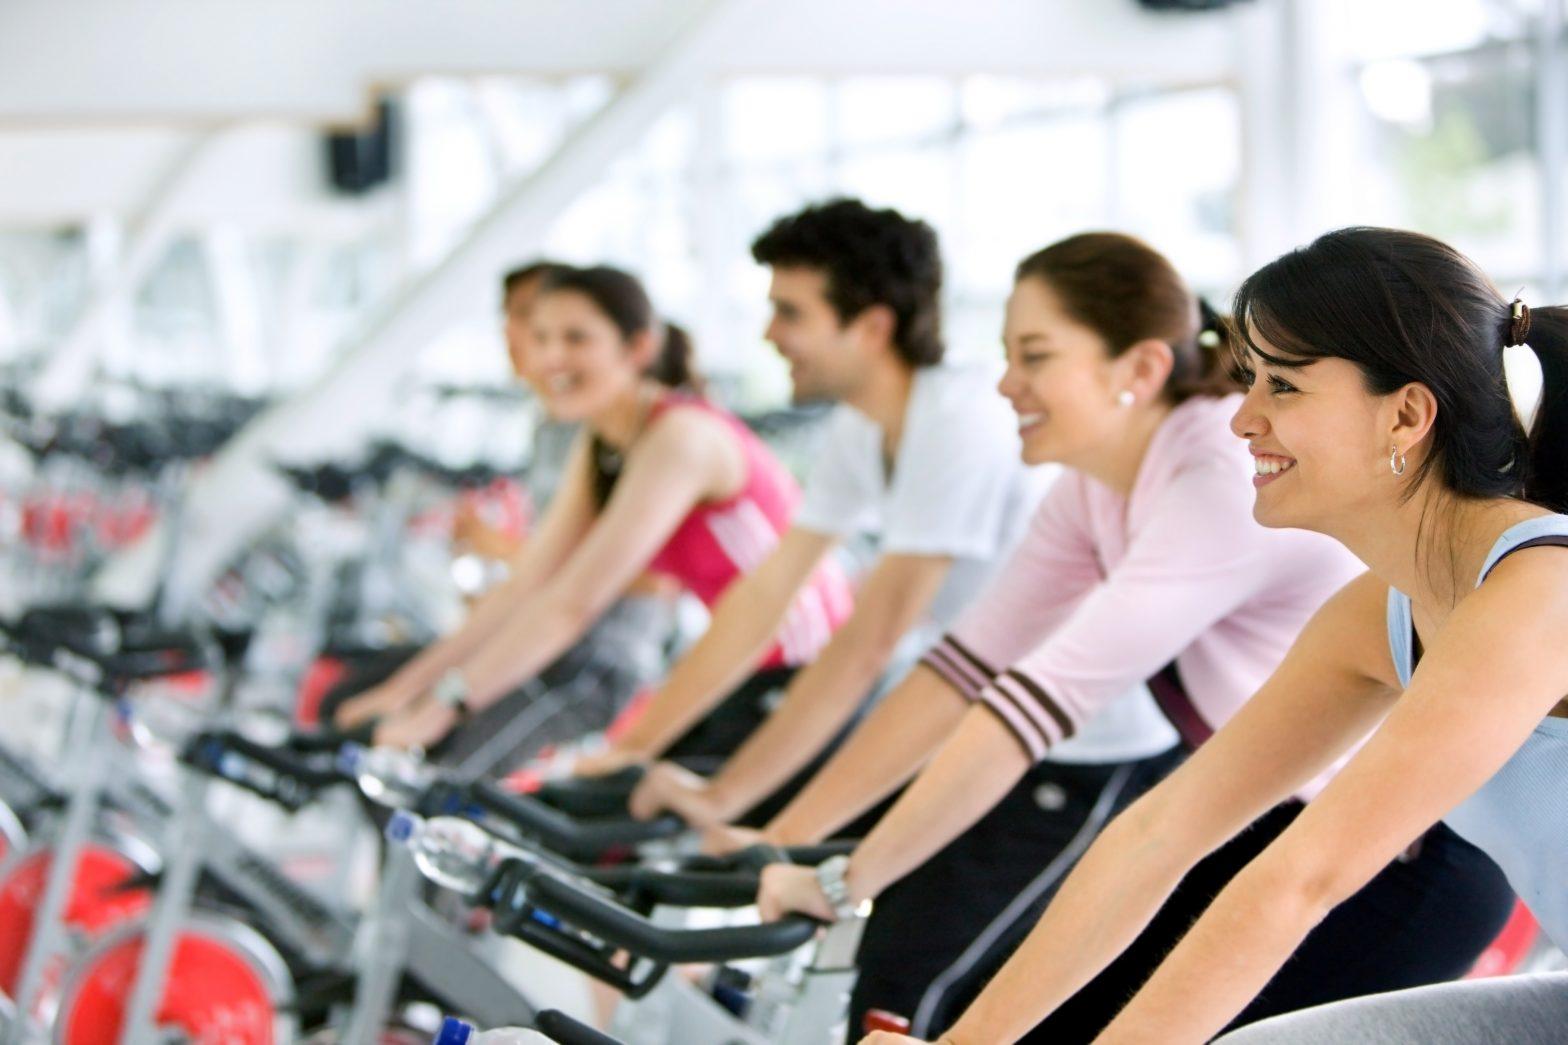 Quais são os exercícios que mais queimam calorias